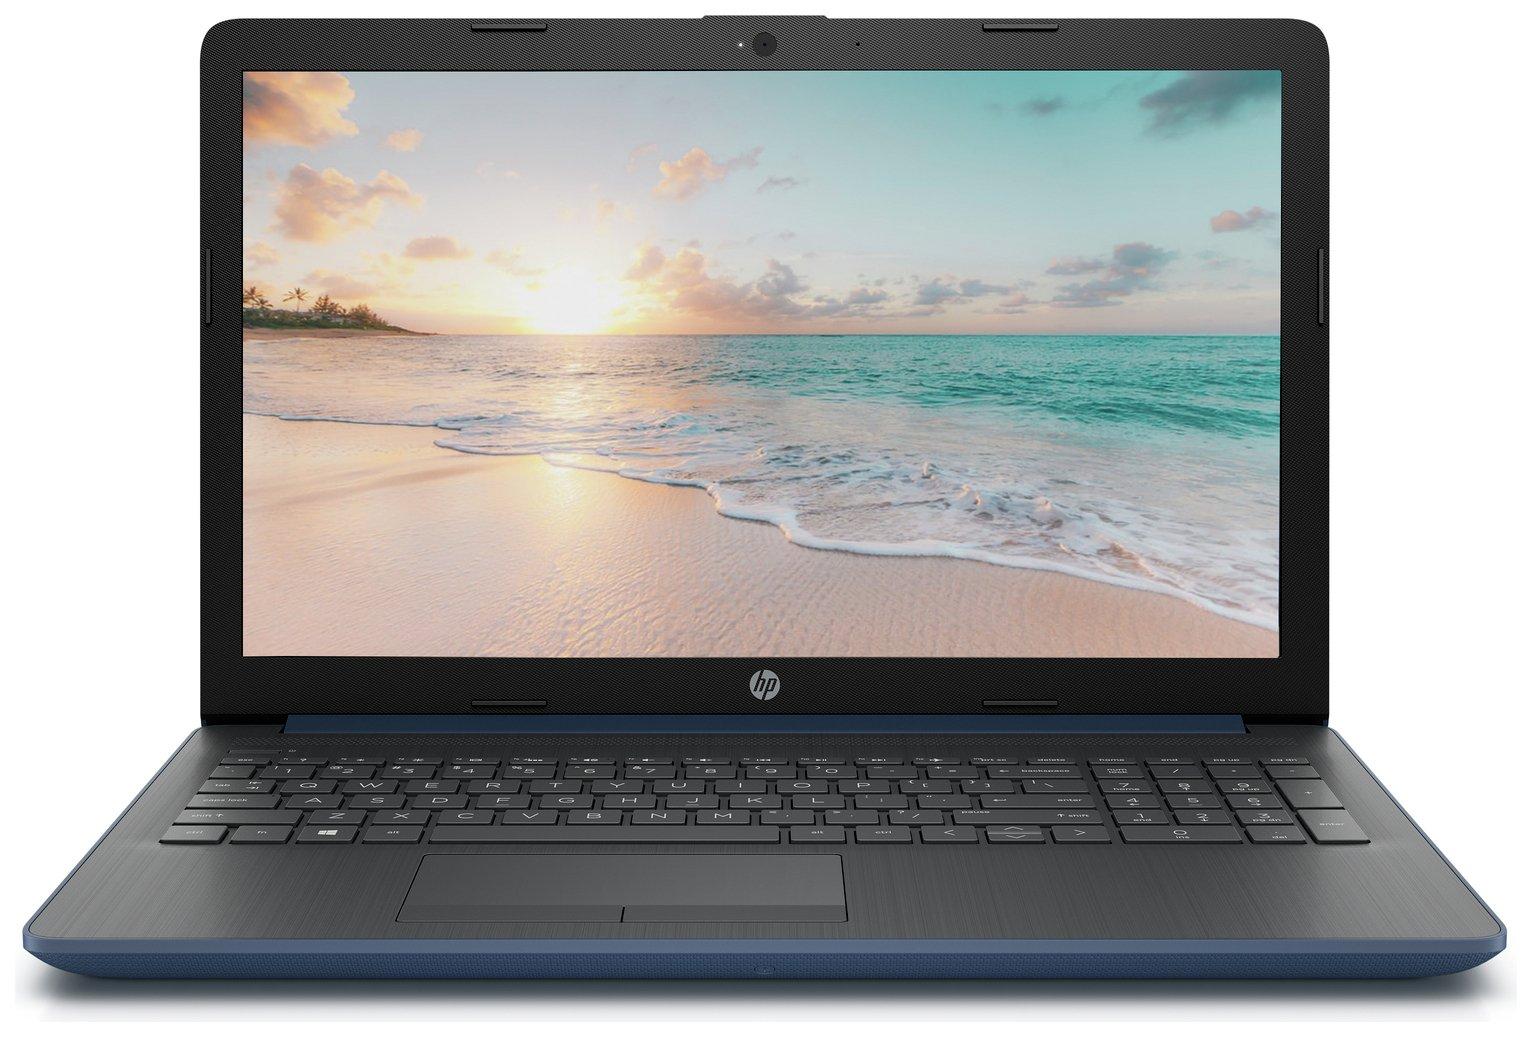 HP 15-db100na